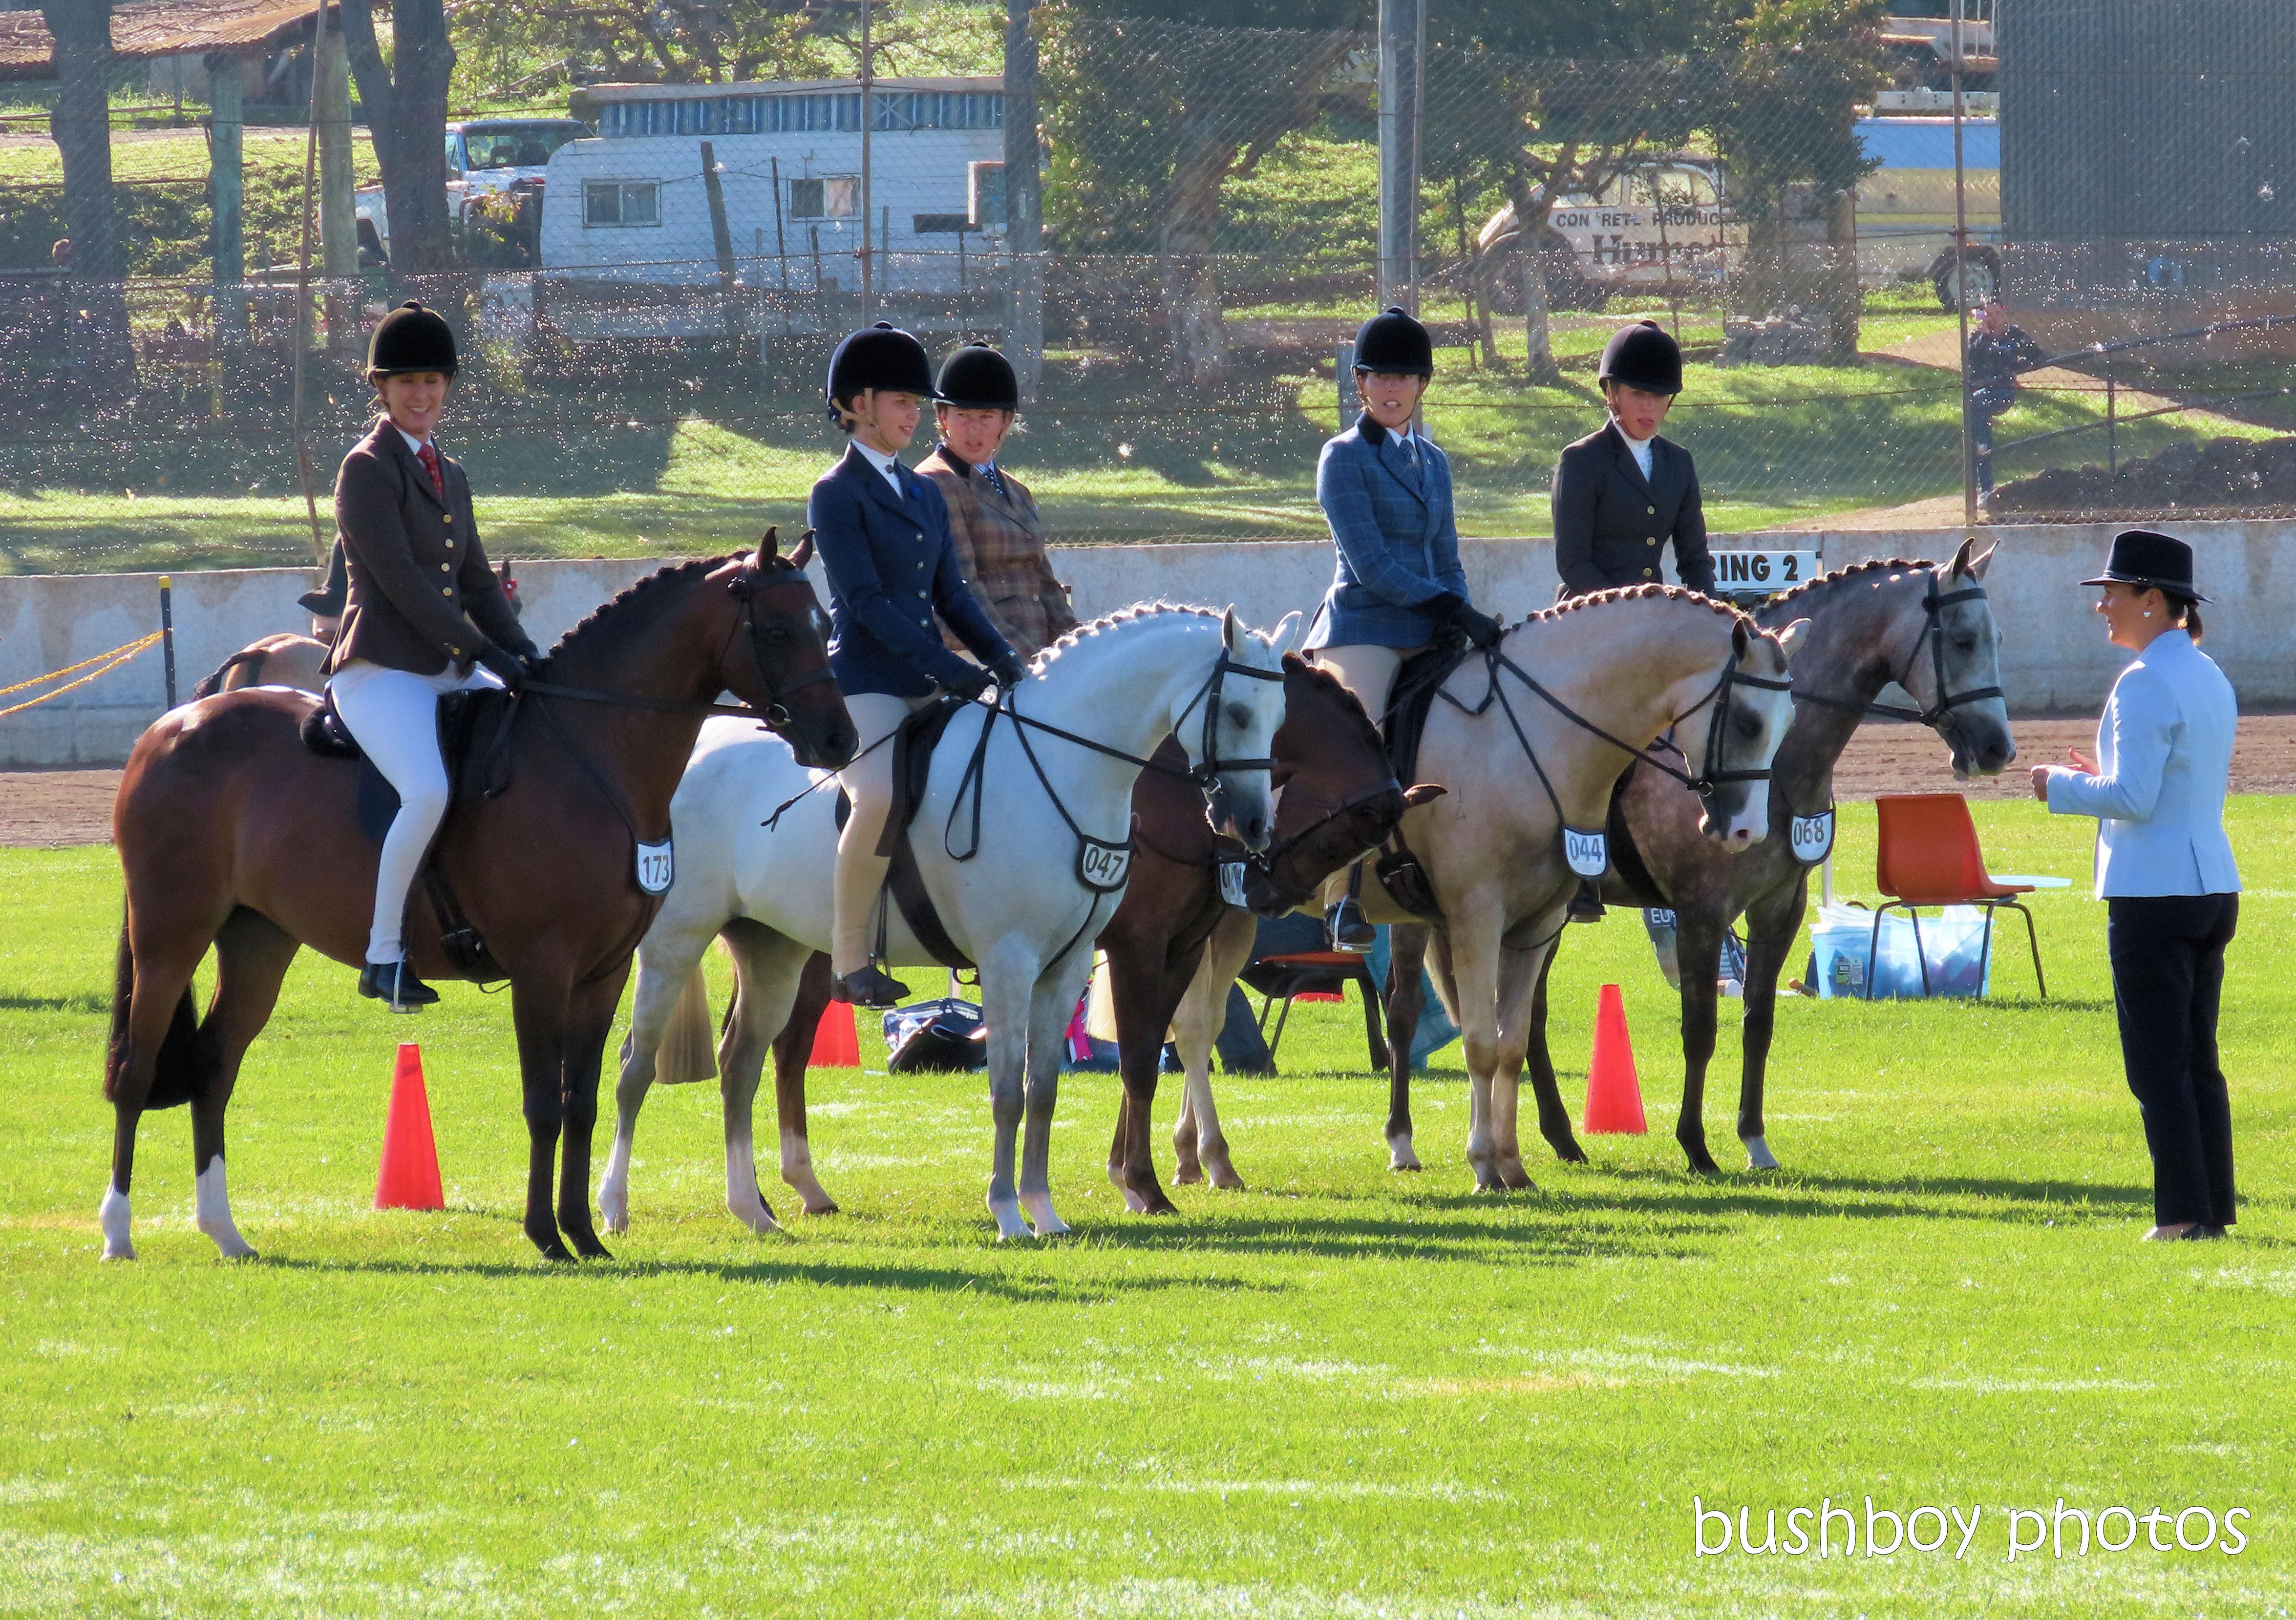 191004_blog_challenge_number_horse1